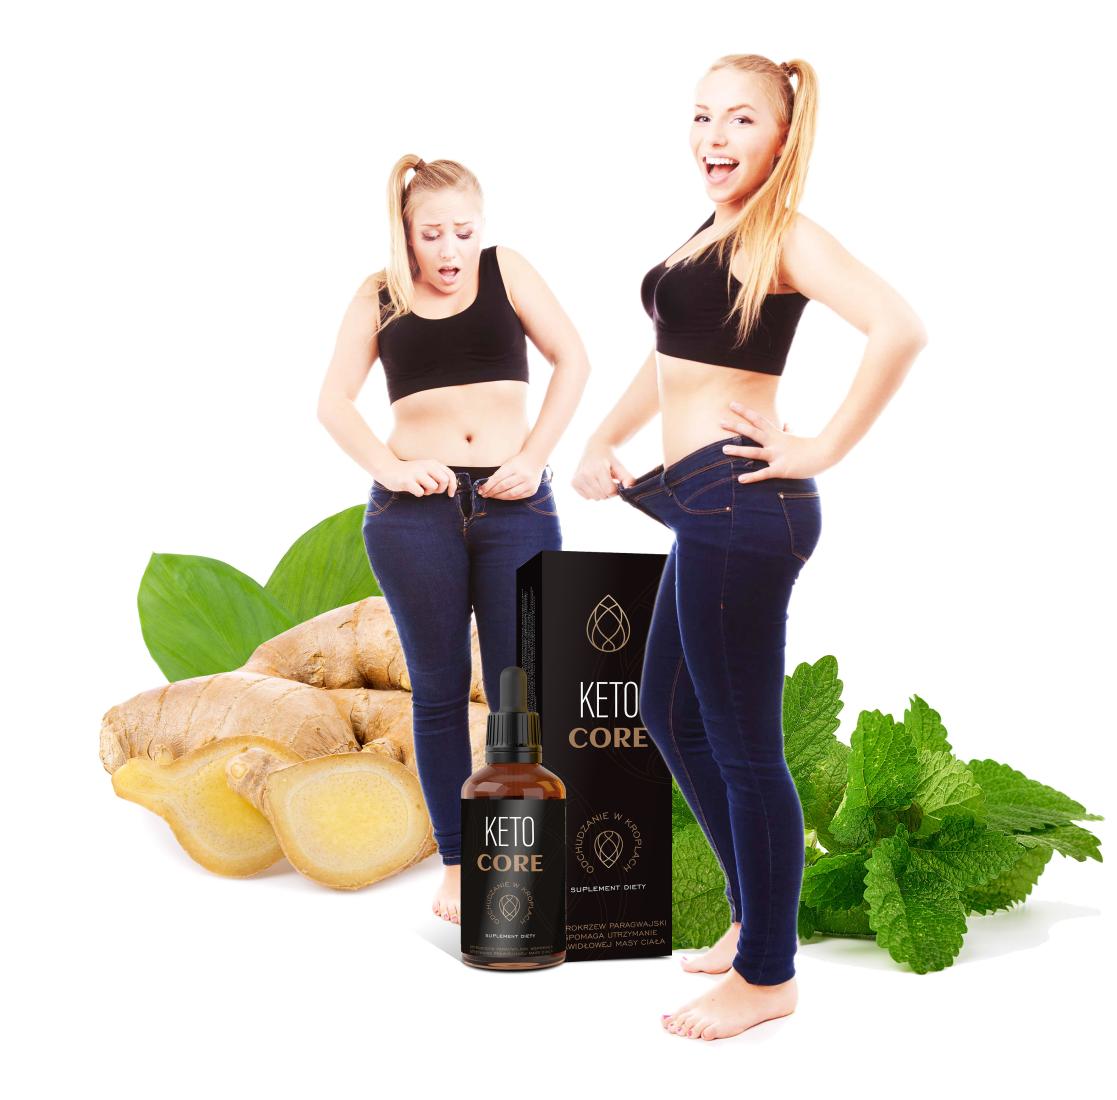 Keto Core - farmacia - celeiro